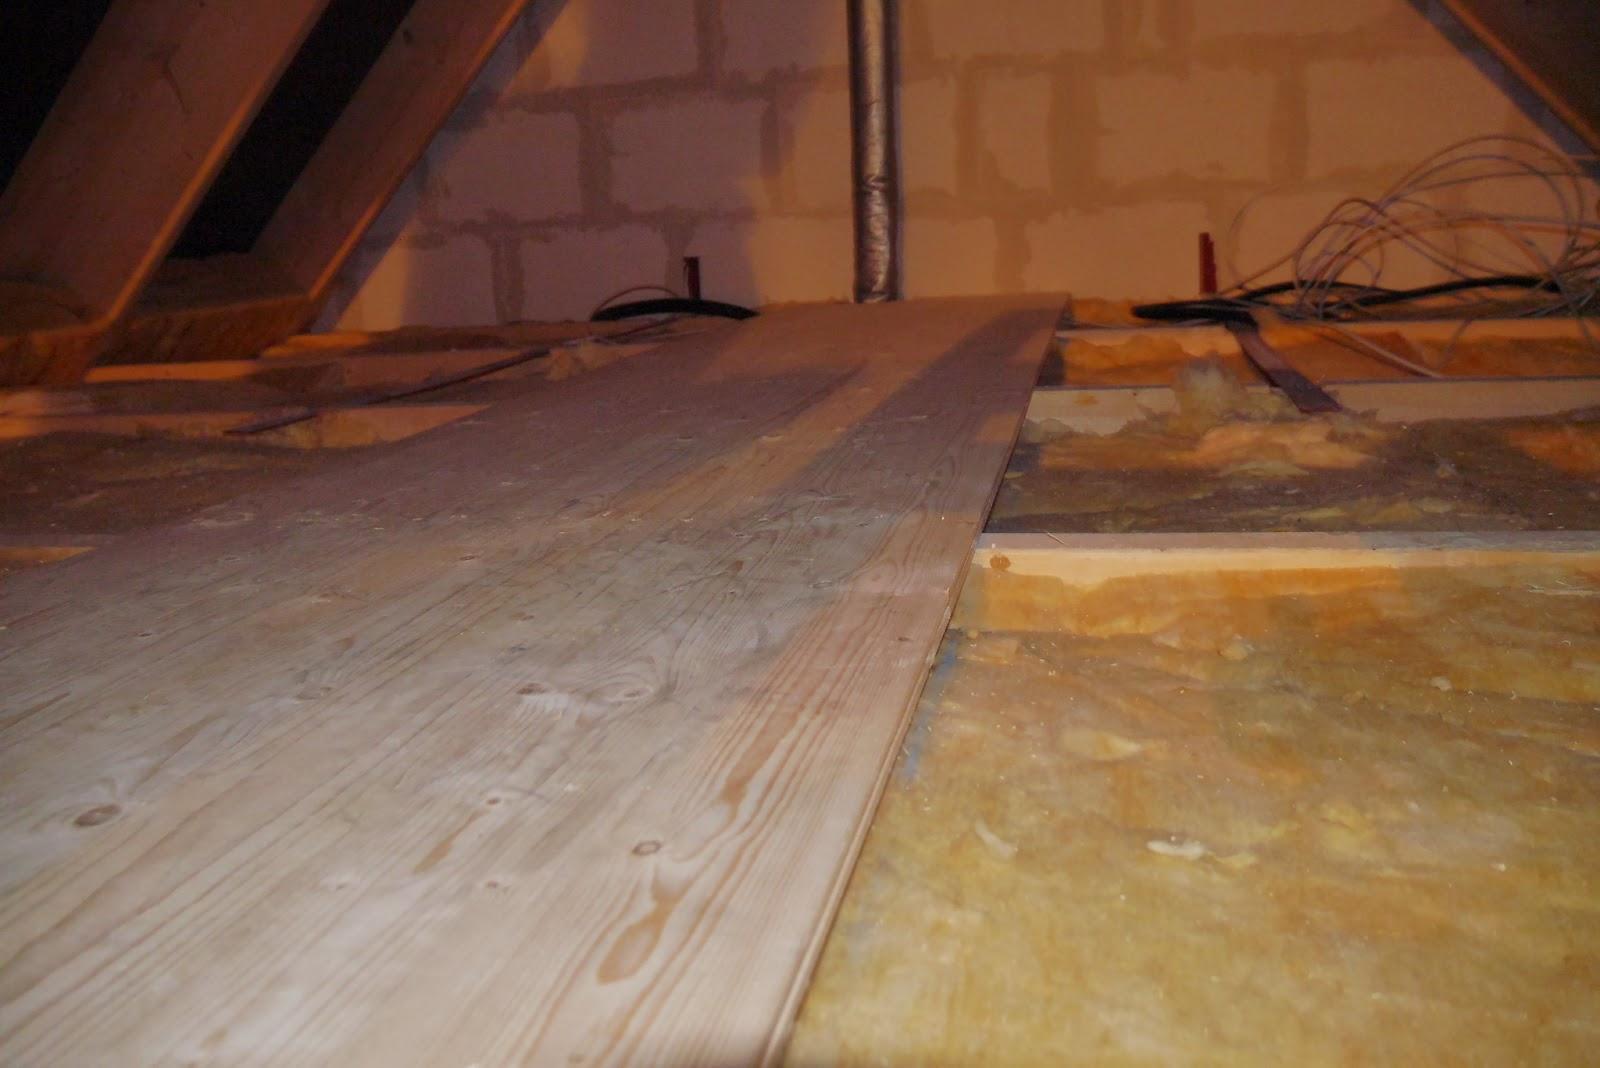 Altbausanierung Fußboden Dämmen ~ Fußboden dämmen dachboden bekannte bodenbelag dachboden gy